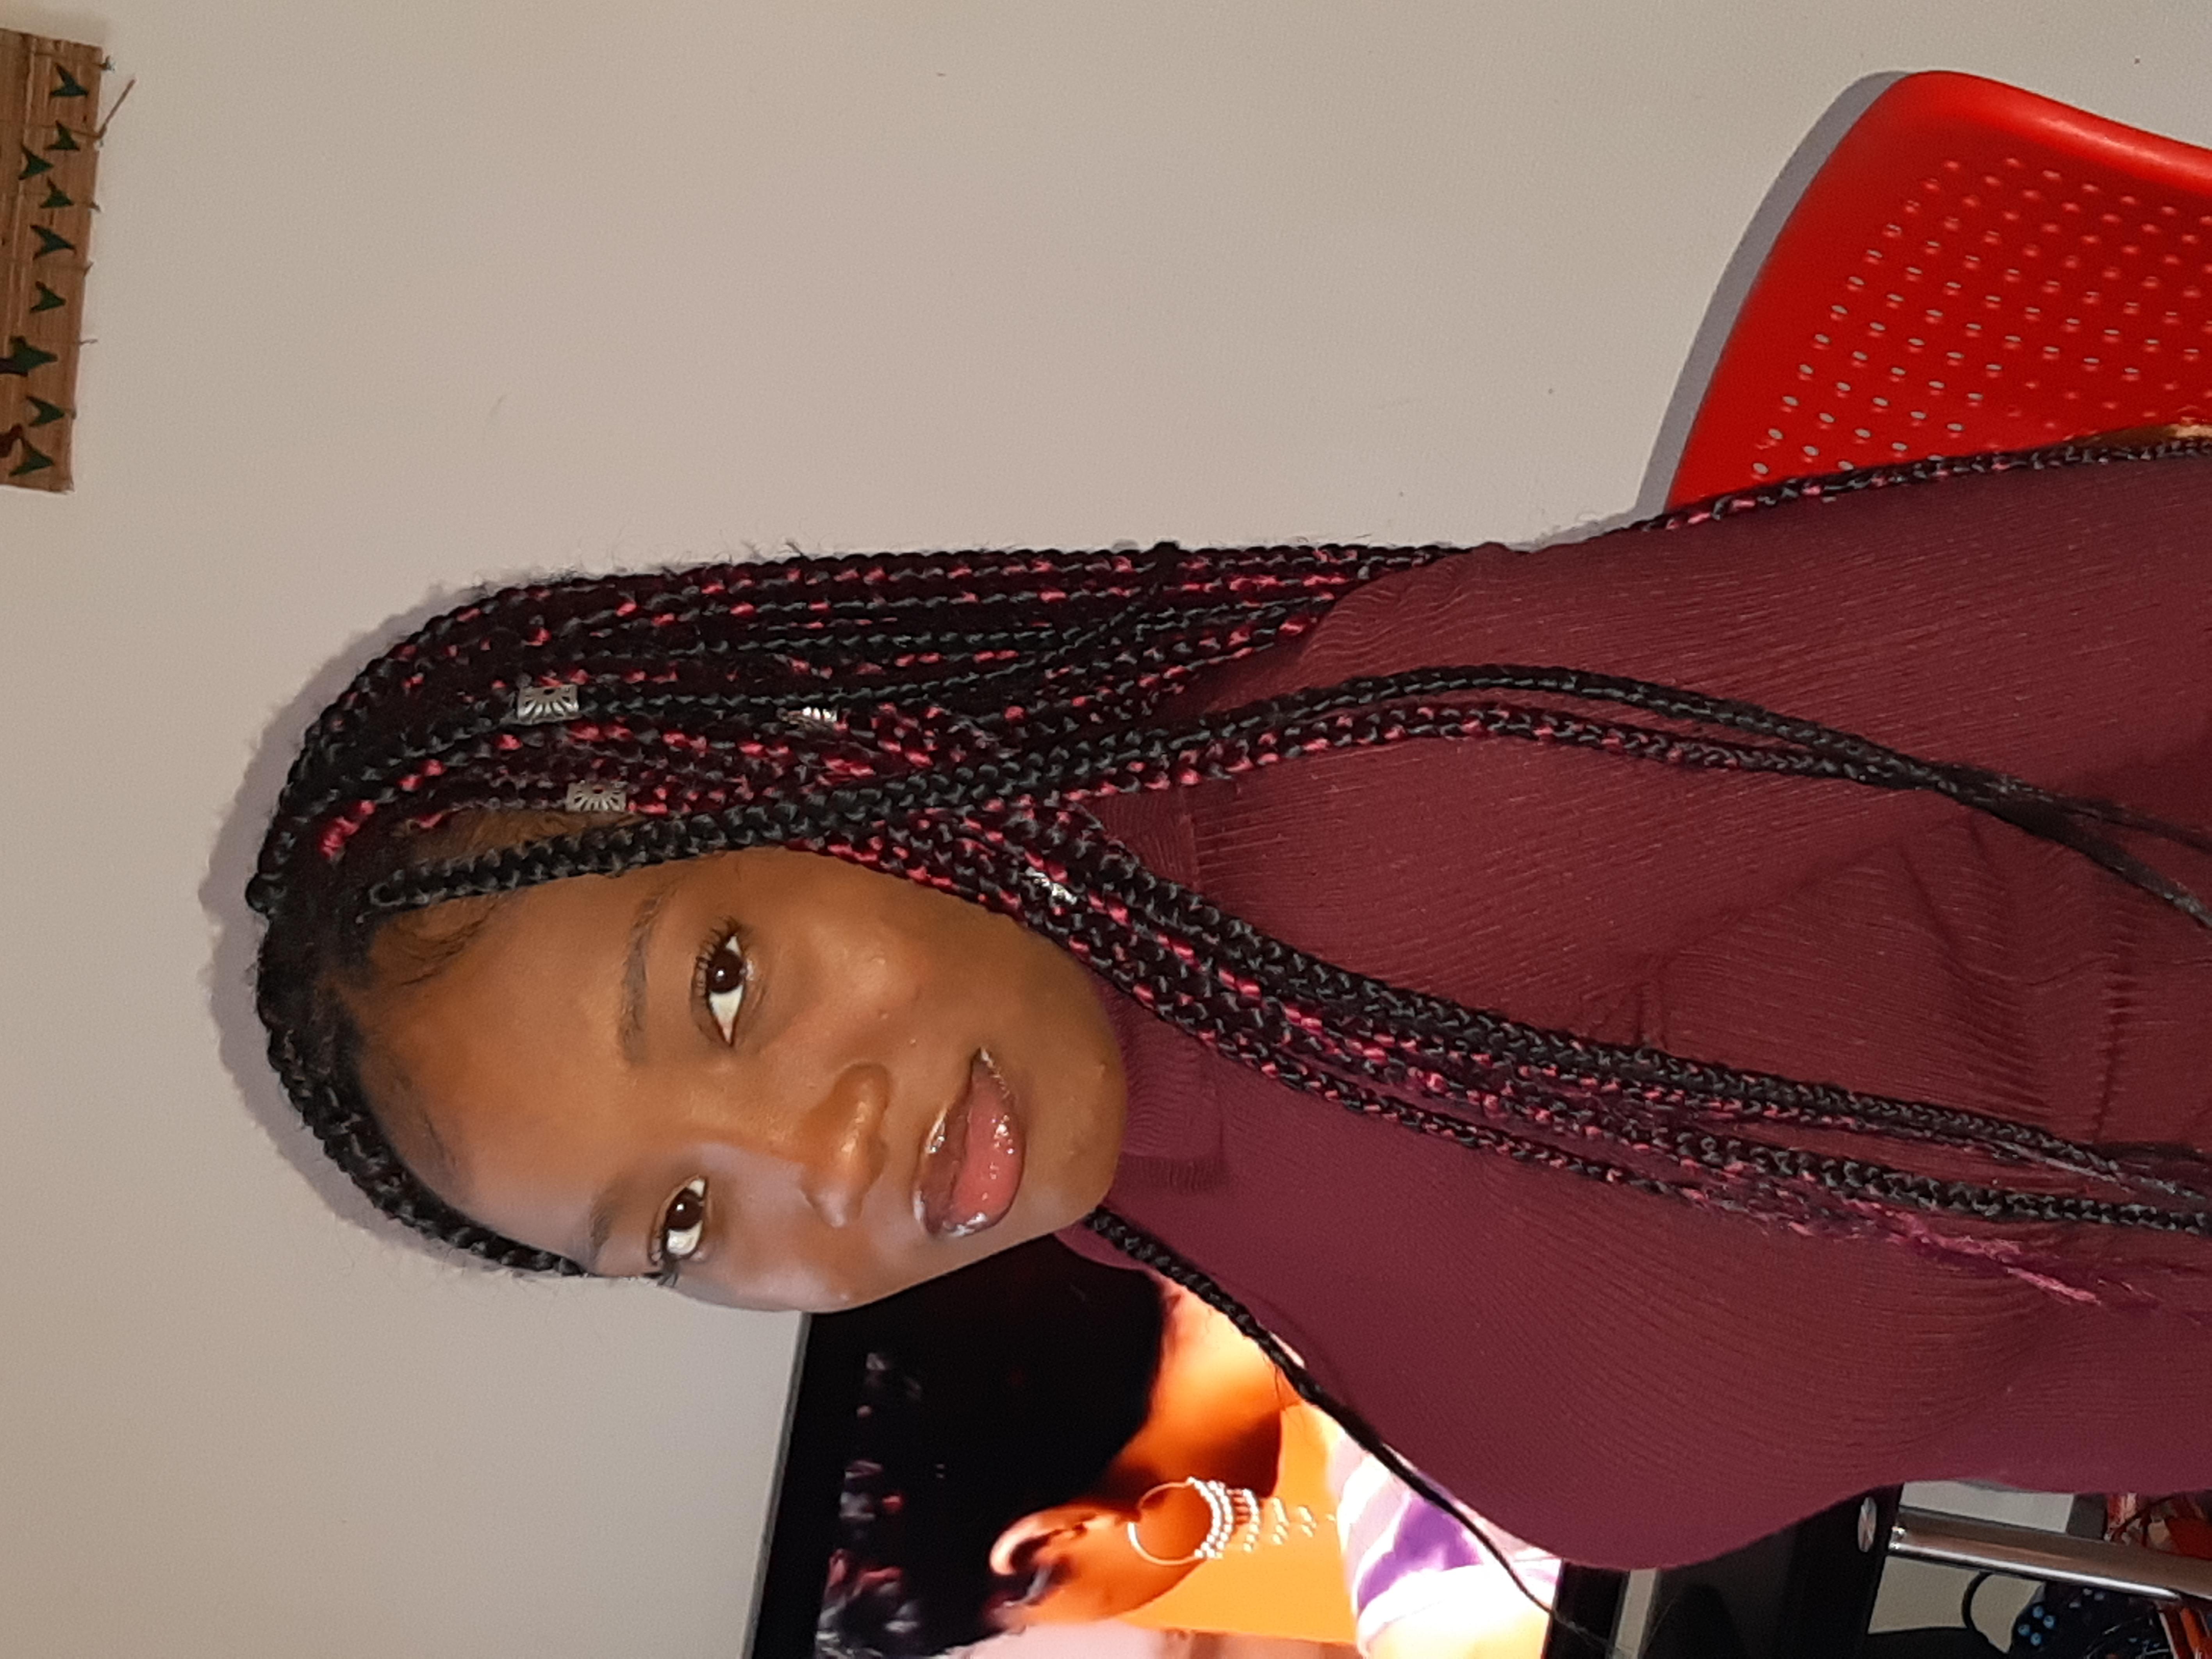 salon de coiffure afro tresse tresses box braids crochet braids vanilles tissages paris 75 77 78 91 92 93 94 95 DFBIQFXH